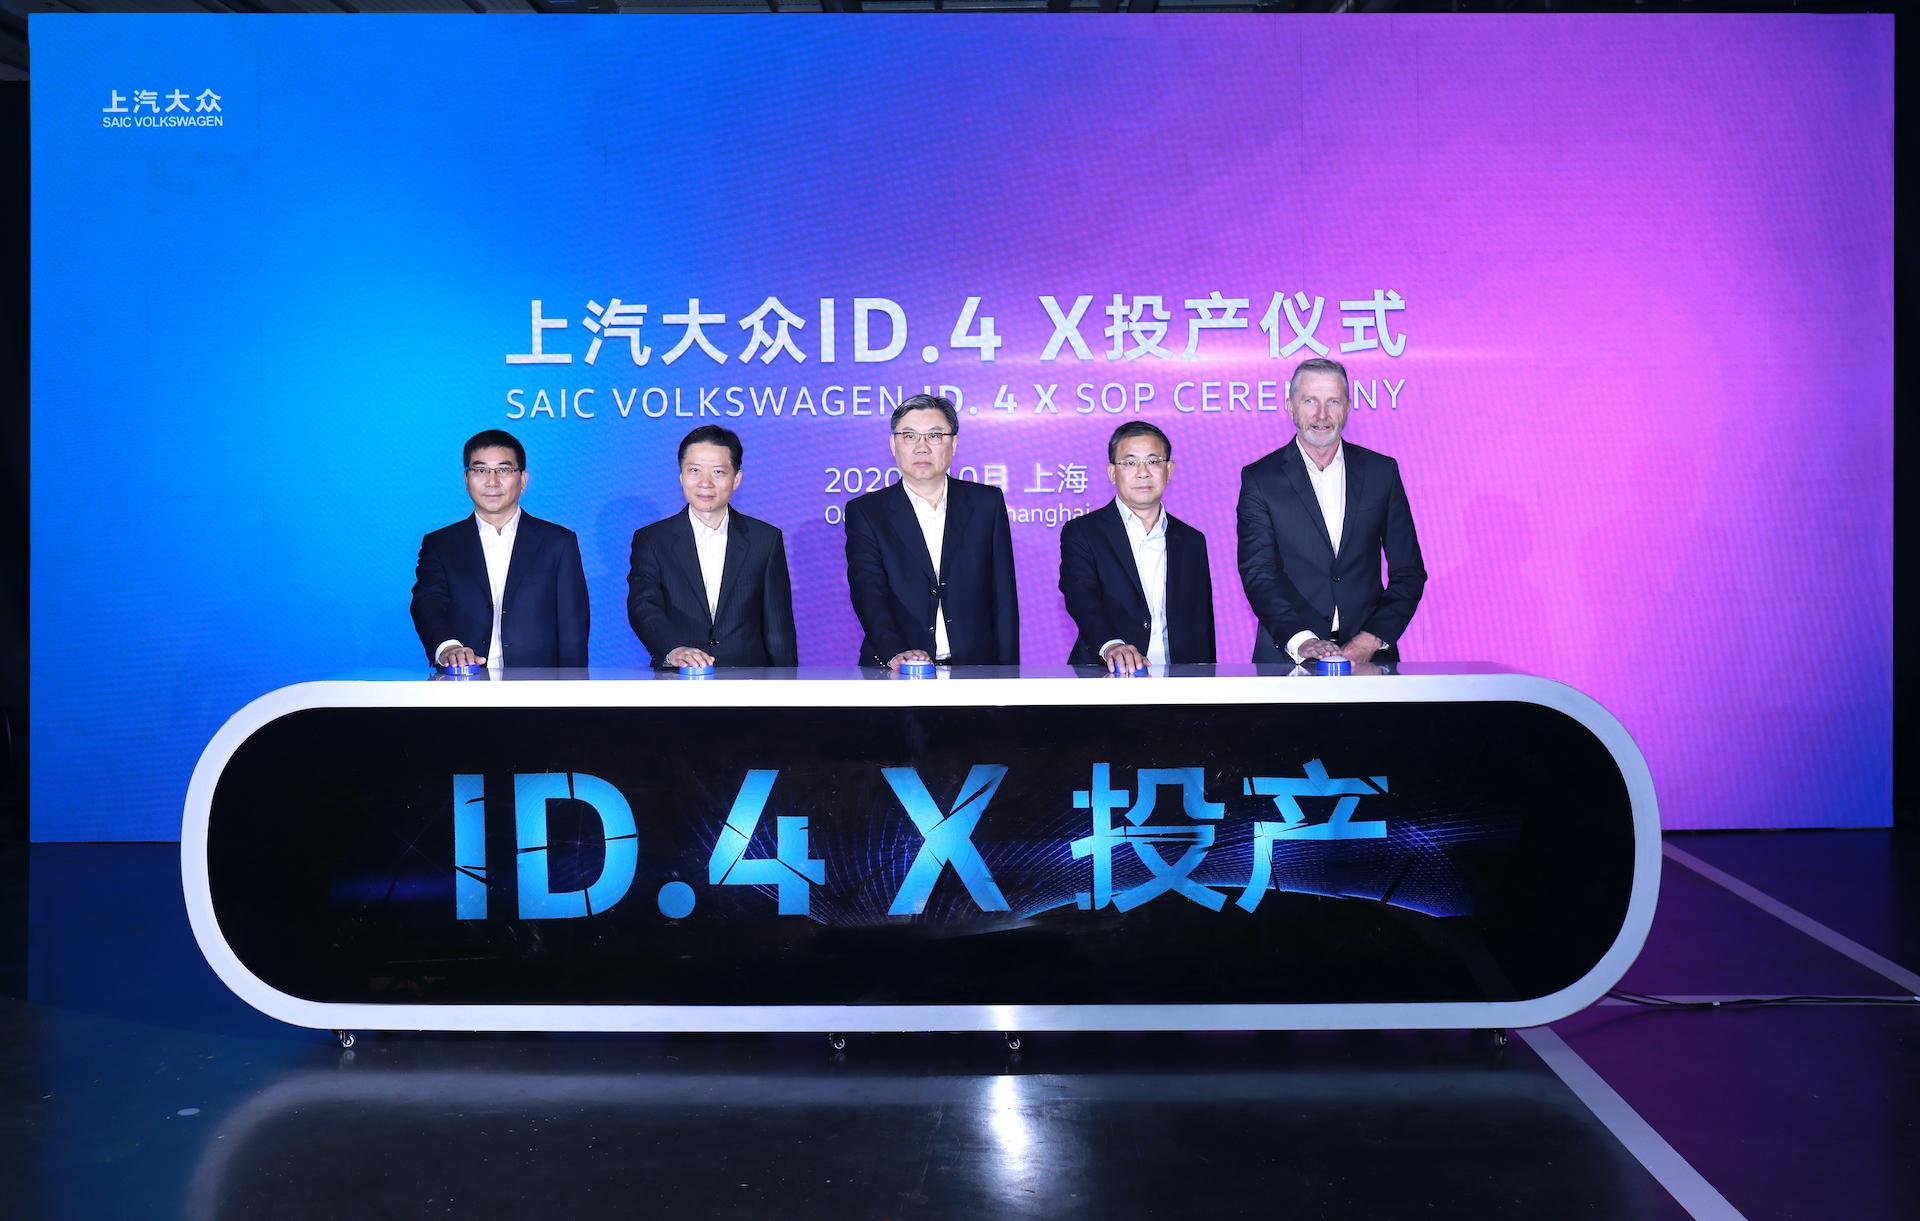 上汽大多ID.4 X投产